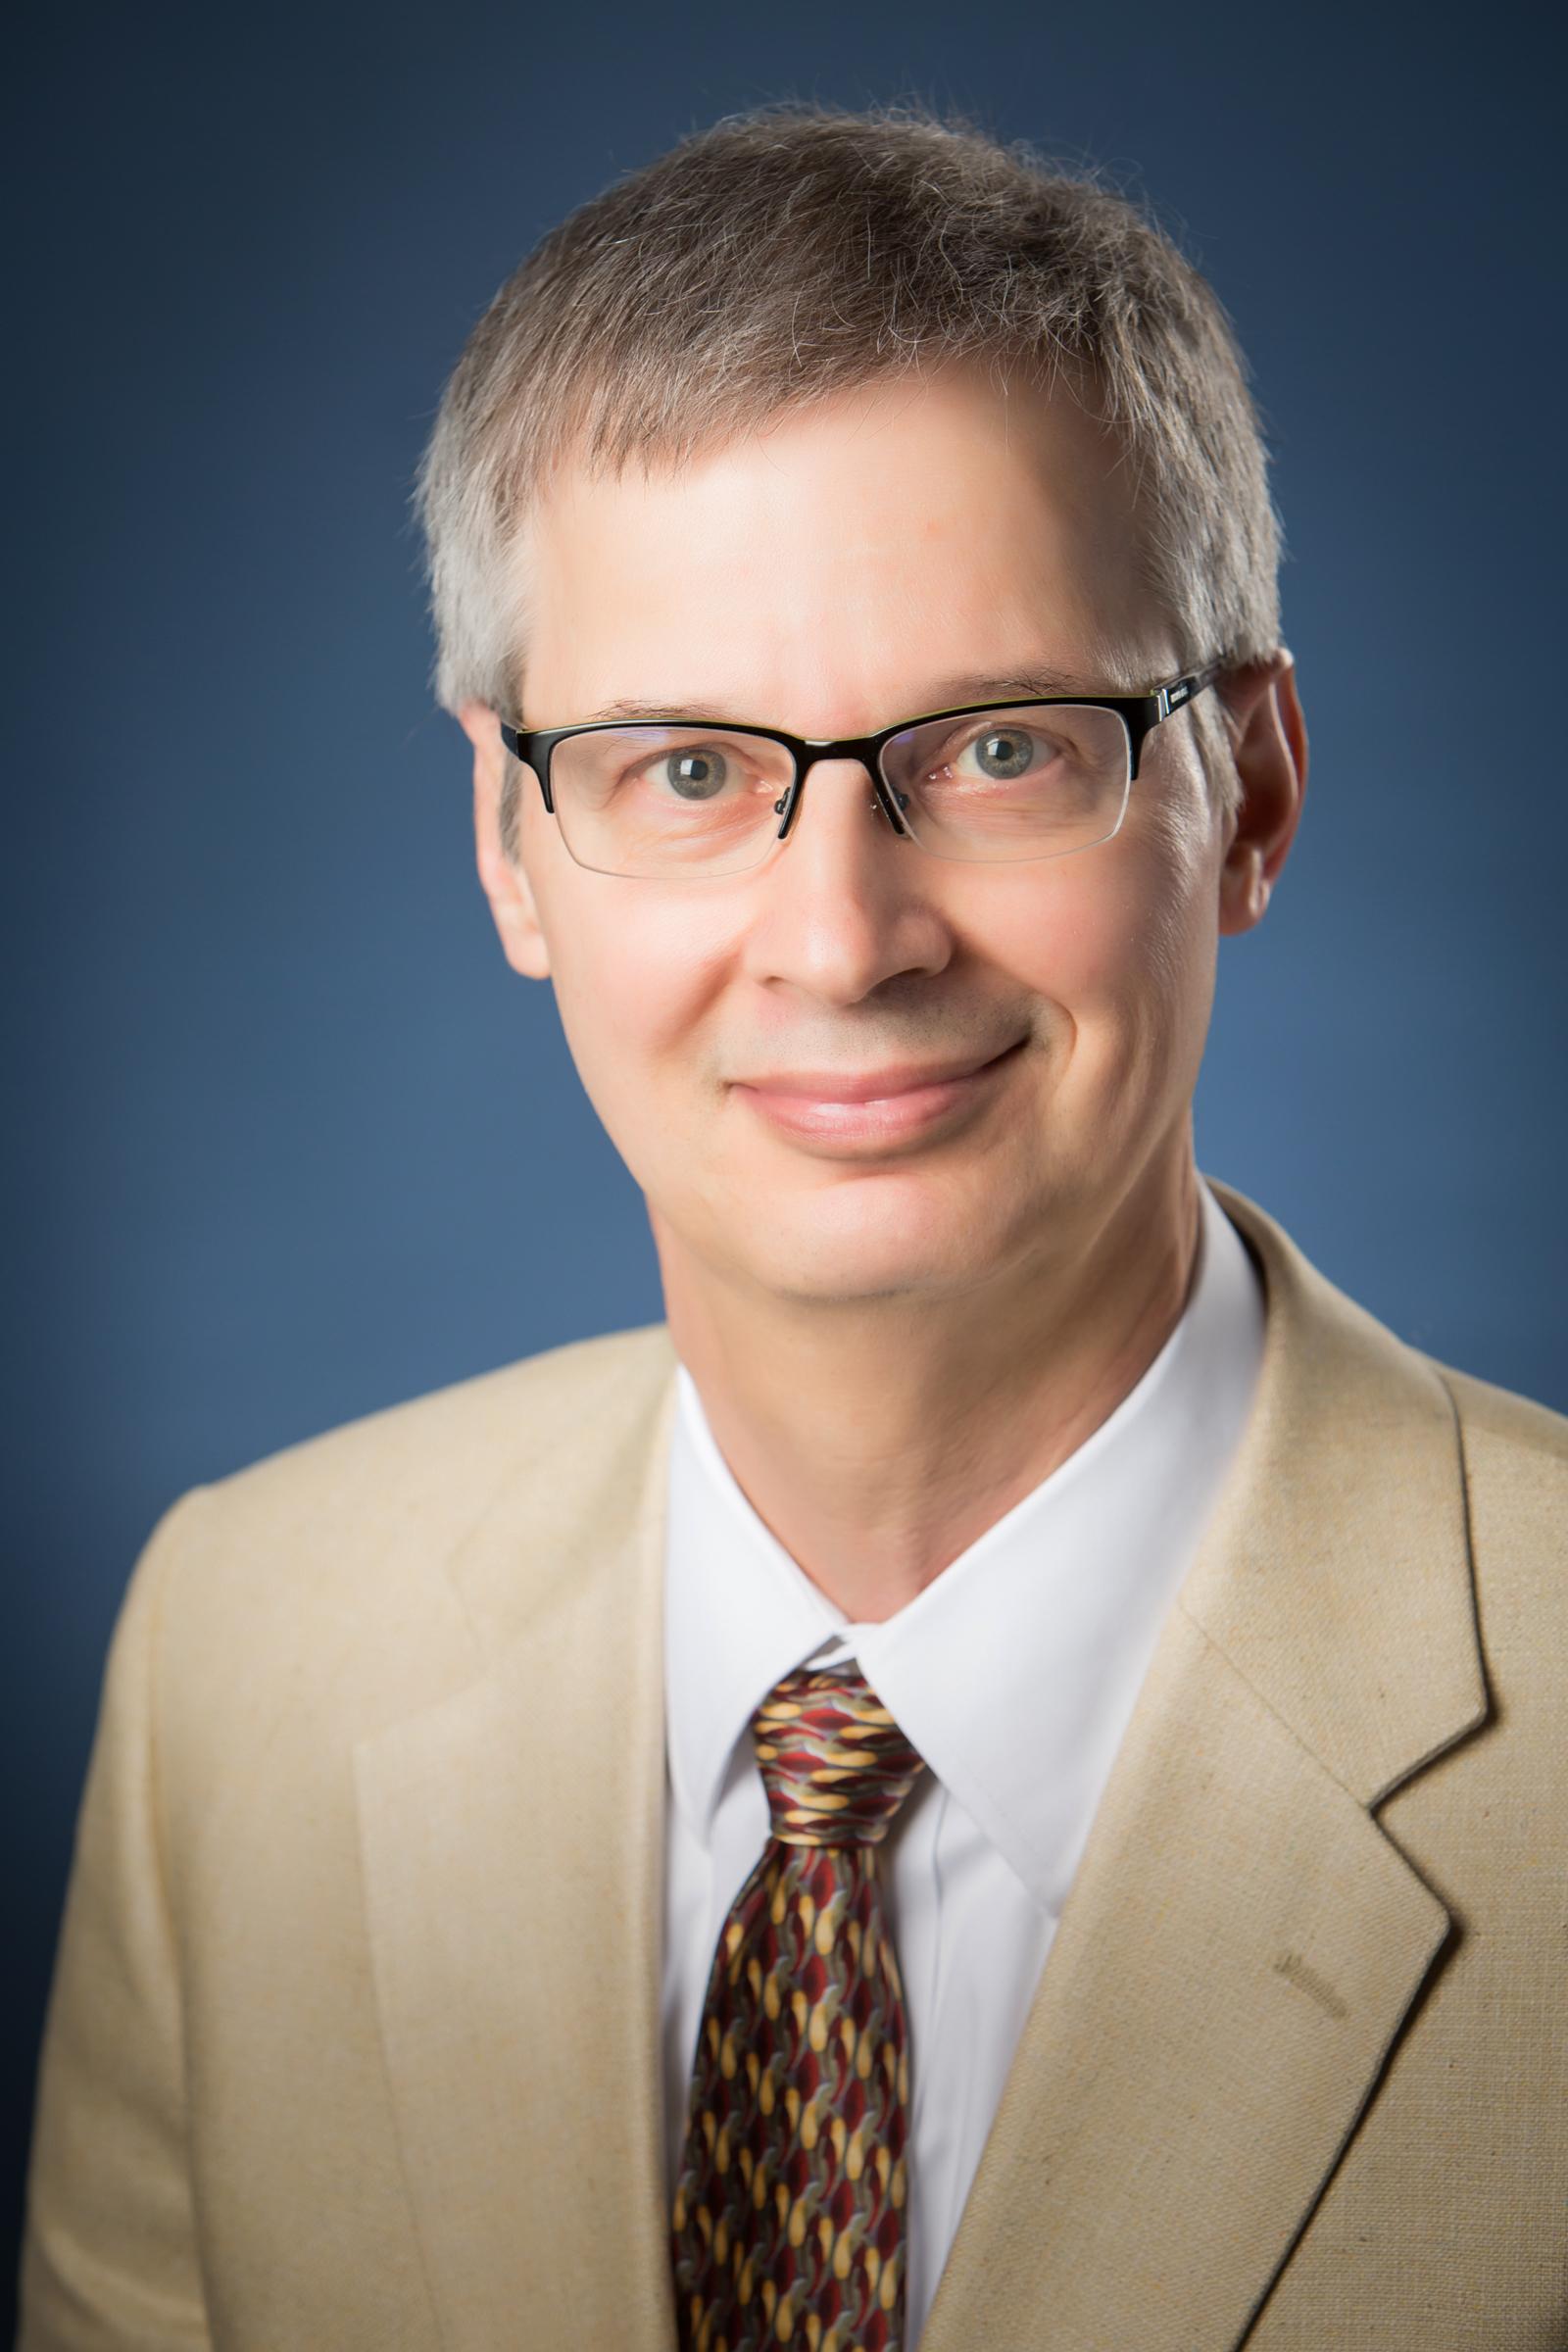 Carl Migliazzo, MD, Treasurer